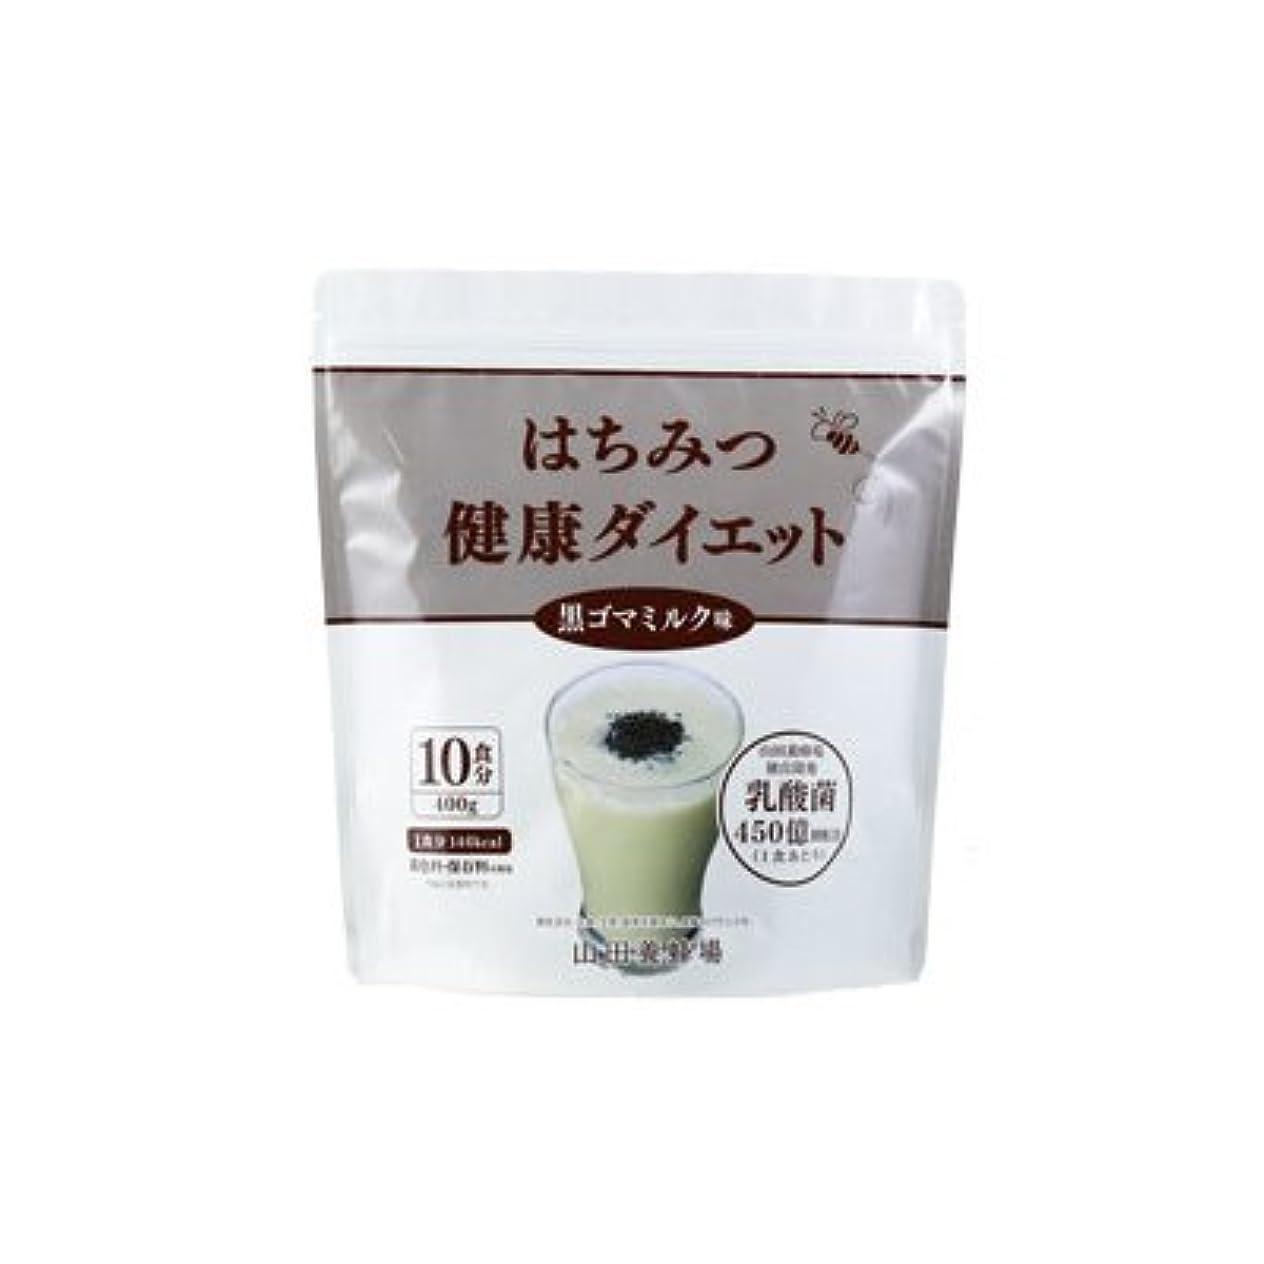 体細胞三番散逸はちみつ健康ダイエット 【黒ごまミルク味】400g(10食分)